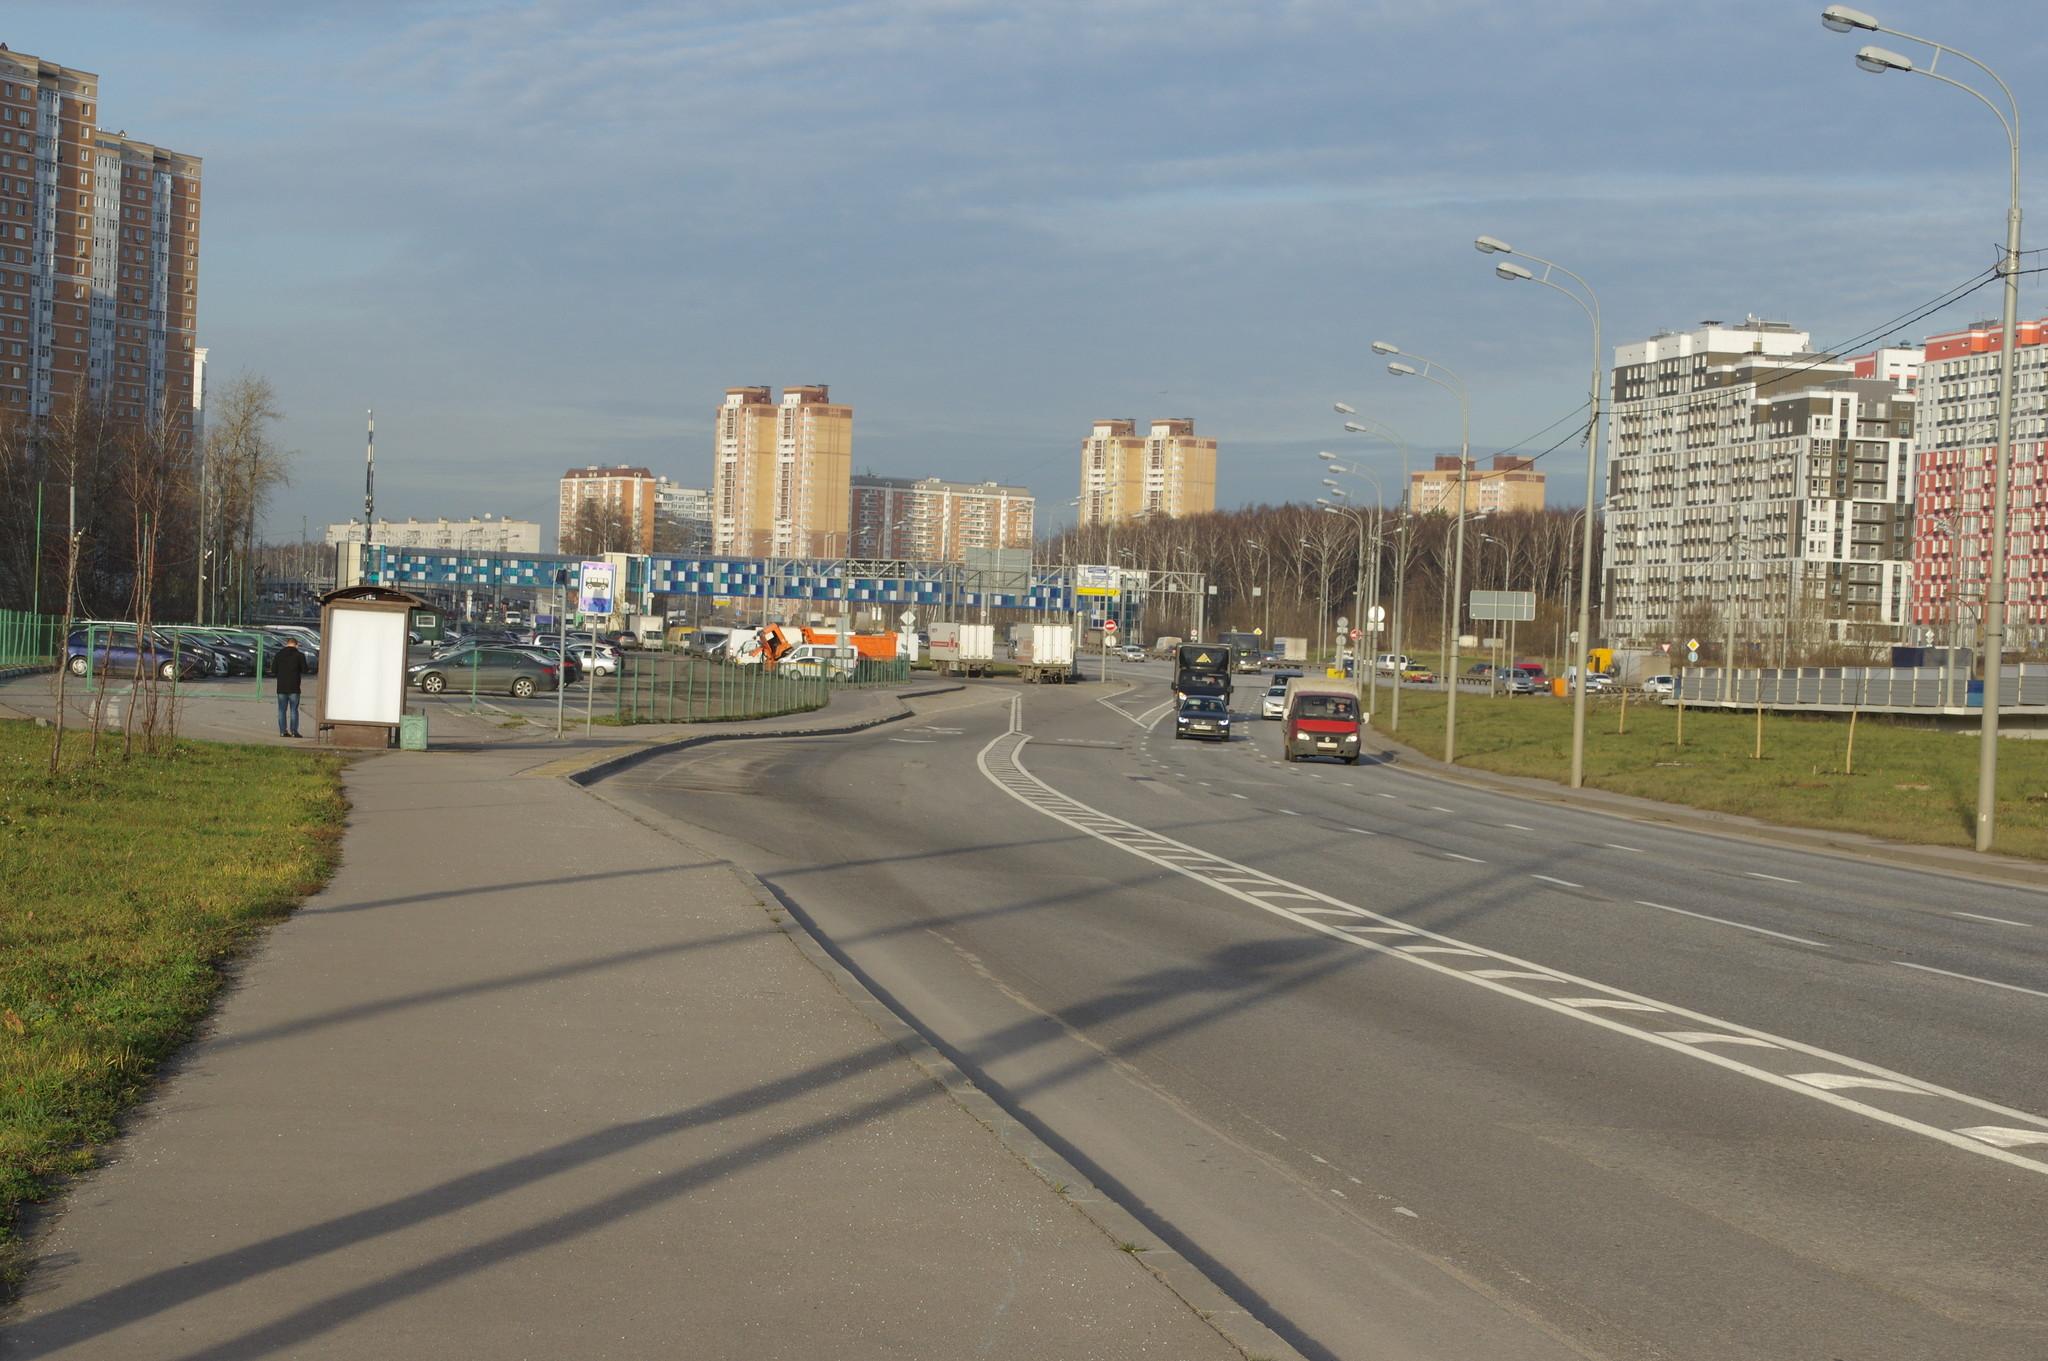 Район Северный Северо-Восточного административного округа города Москвы